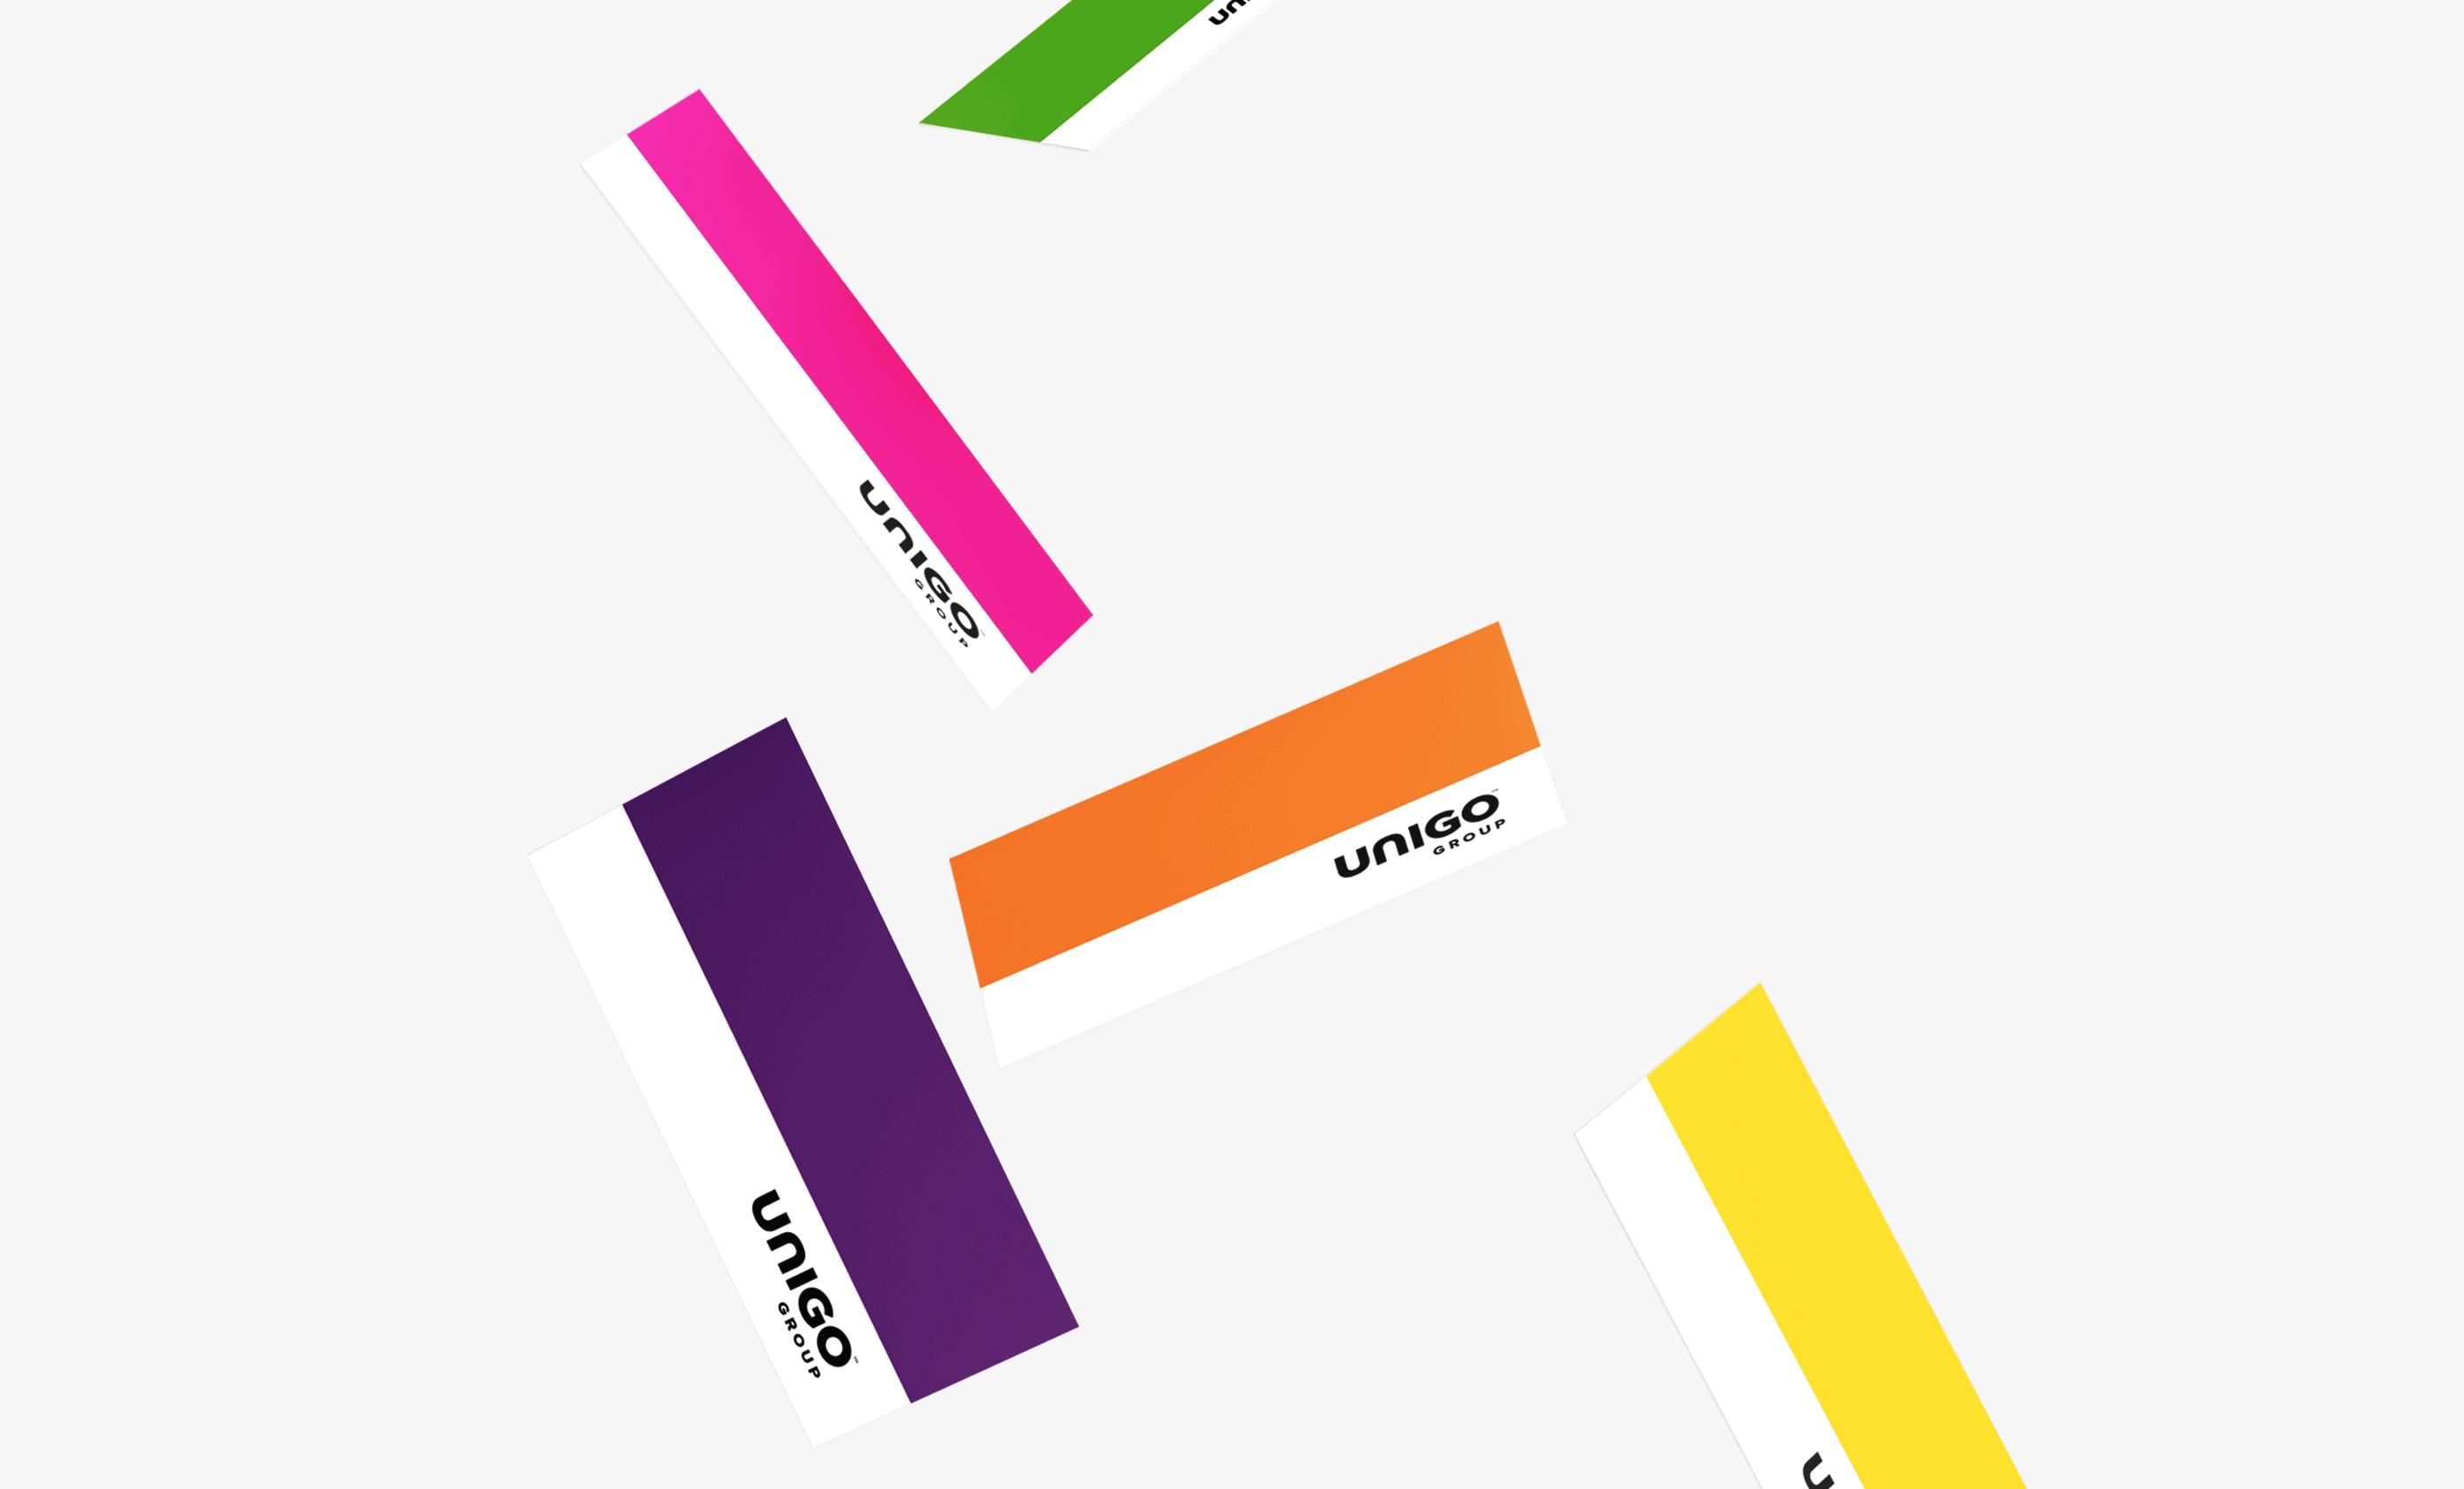 Unigo Business Cards